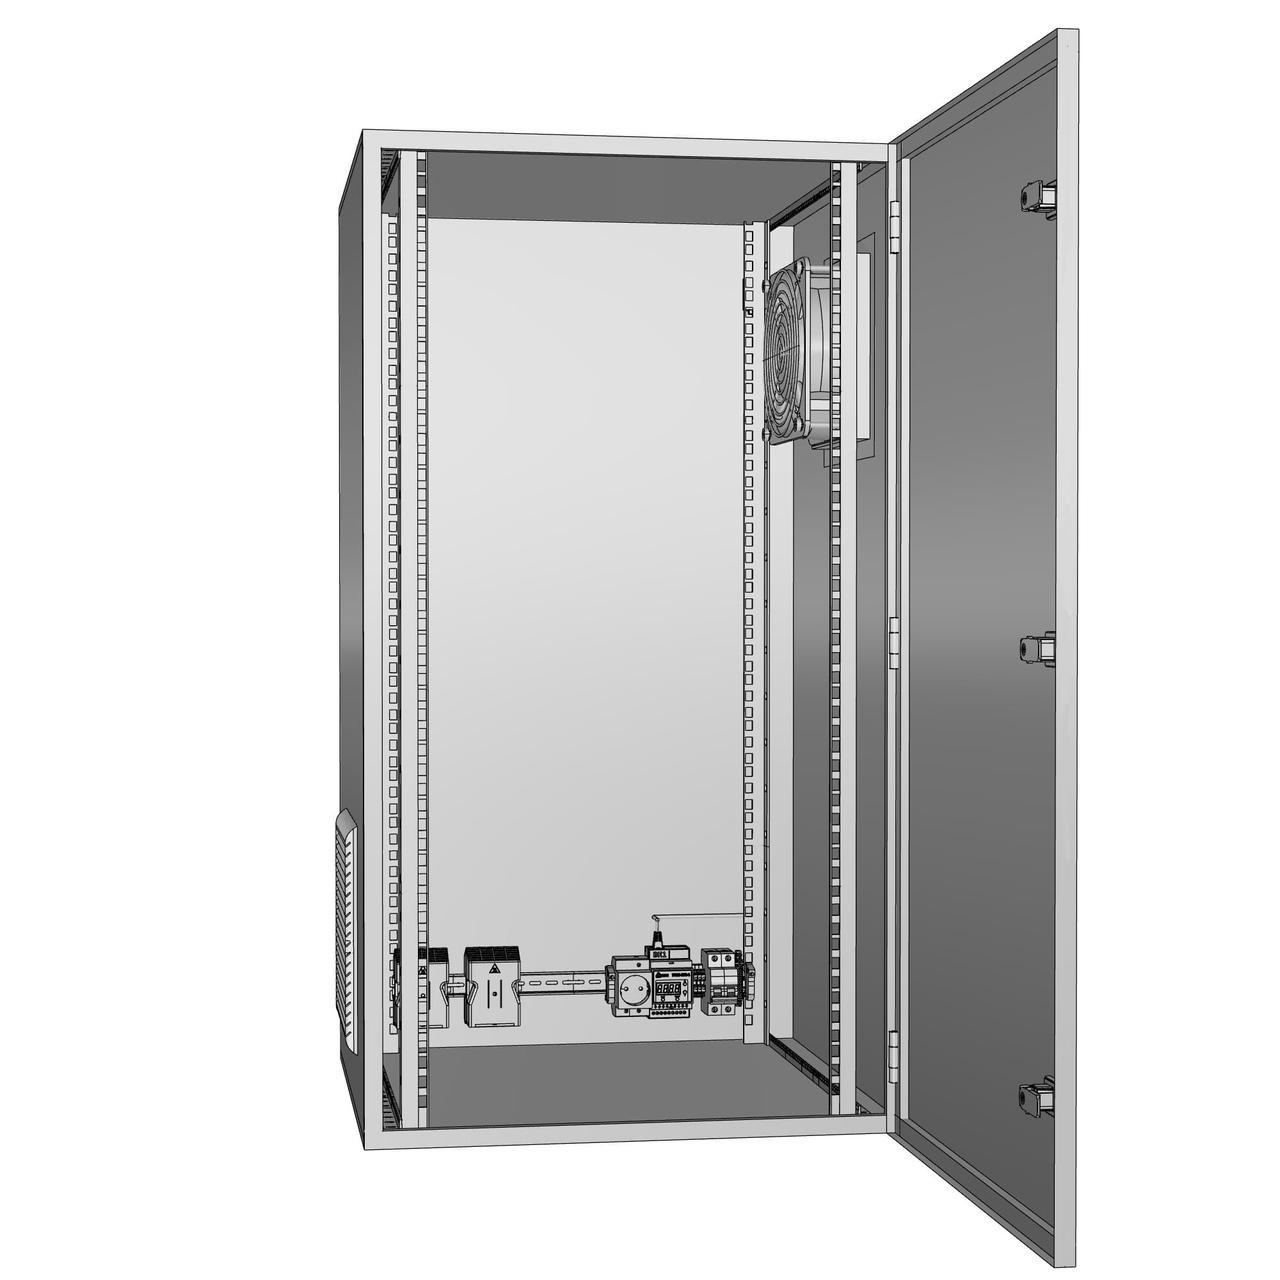 Шкаф климатический утеплённый с обогревом ЩКу- О- 03 - 600×400×200 (В×Ш×Г) IP65